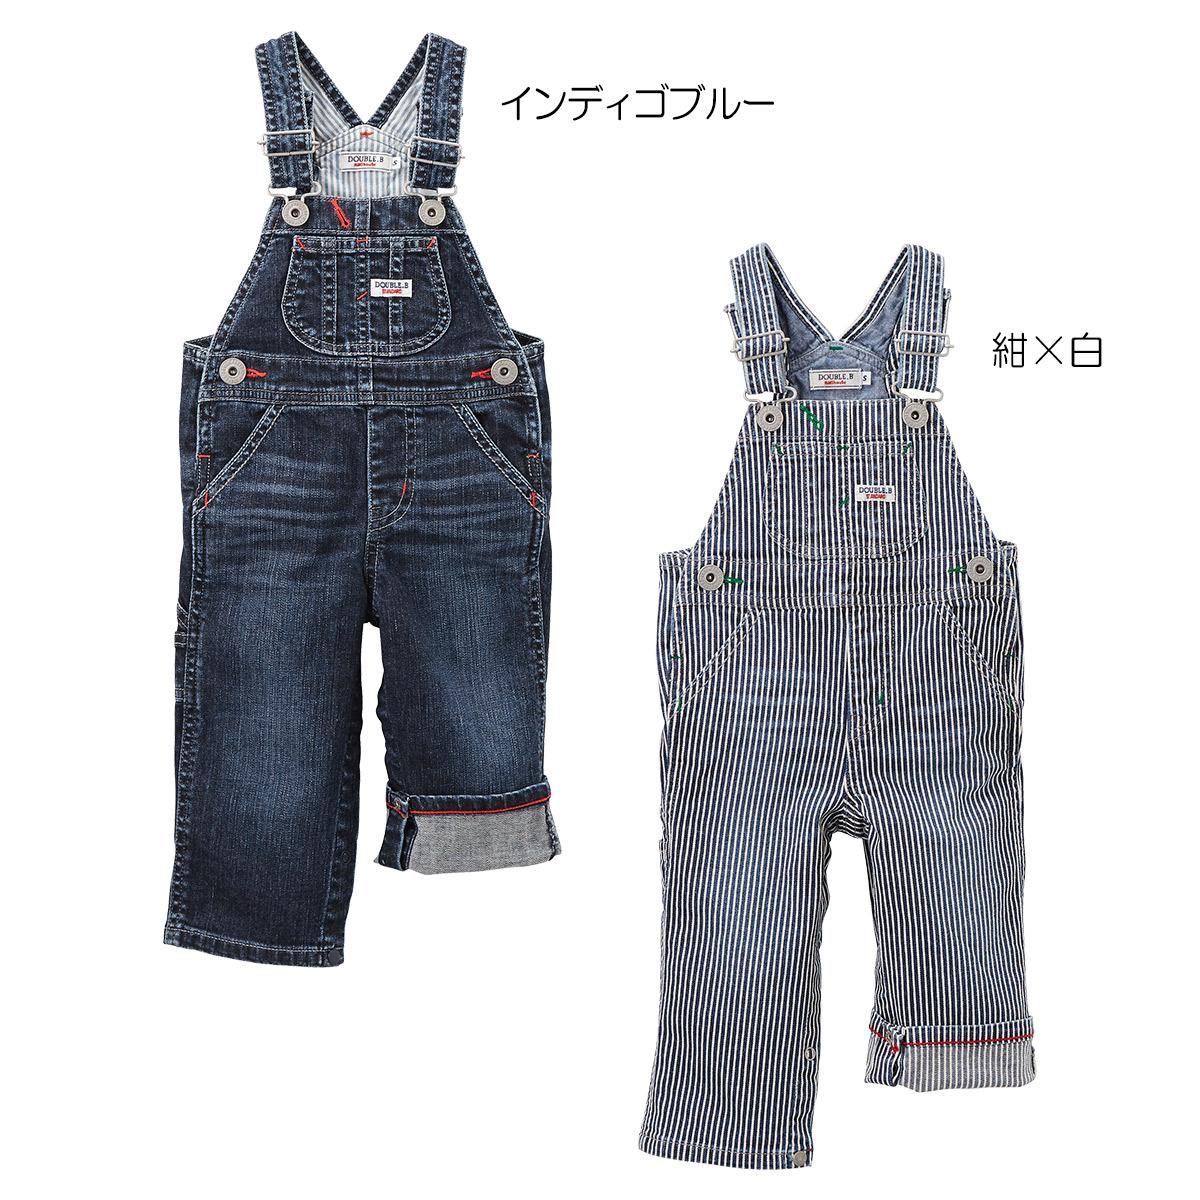 デニム★オーバーオール〈S-M(70cm-90cm)〉